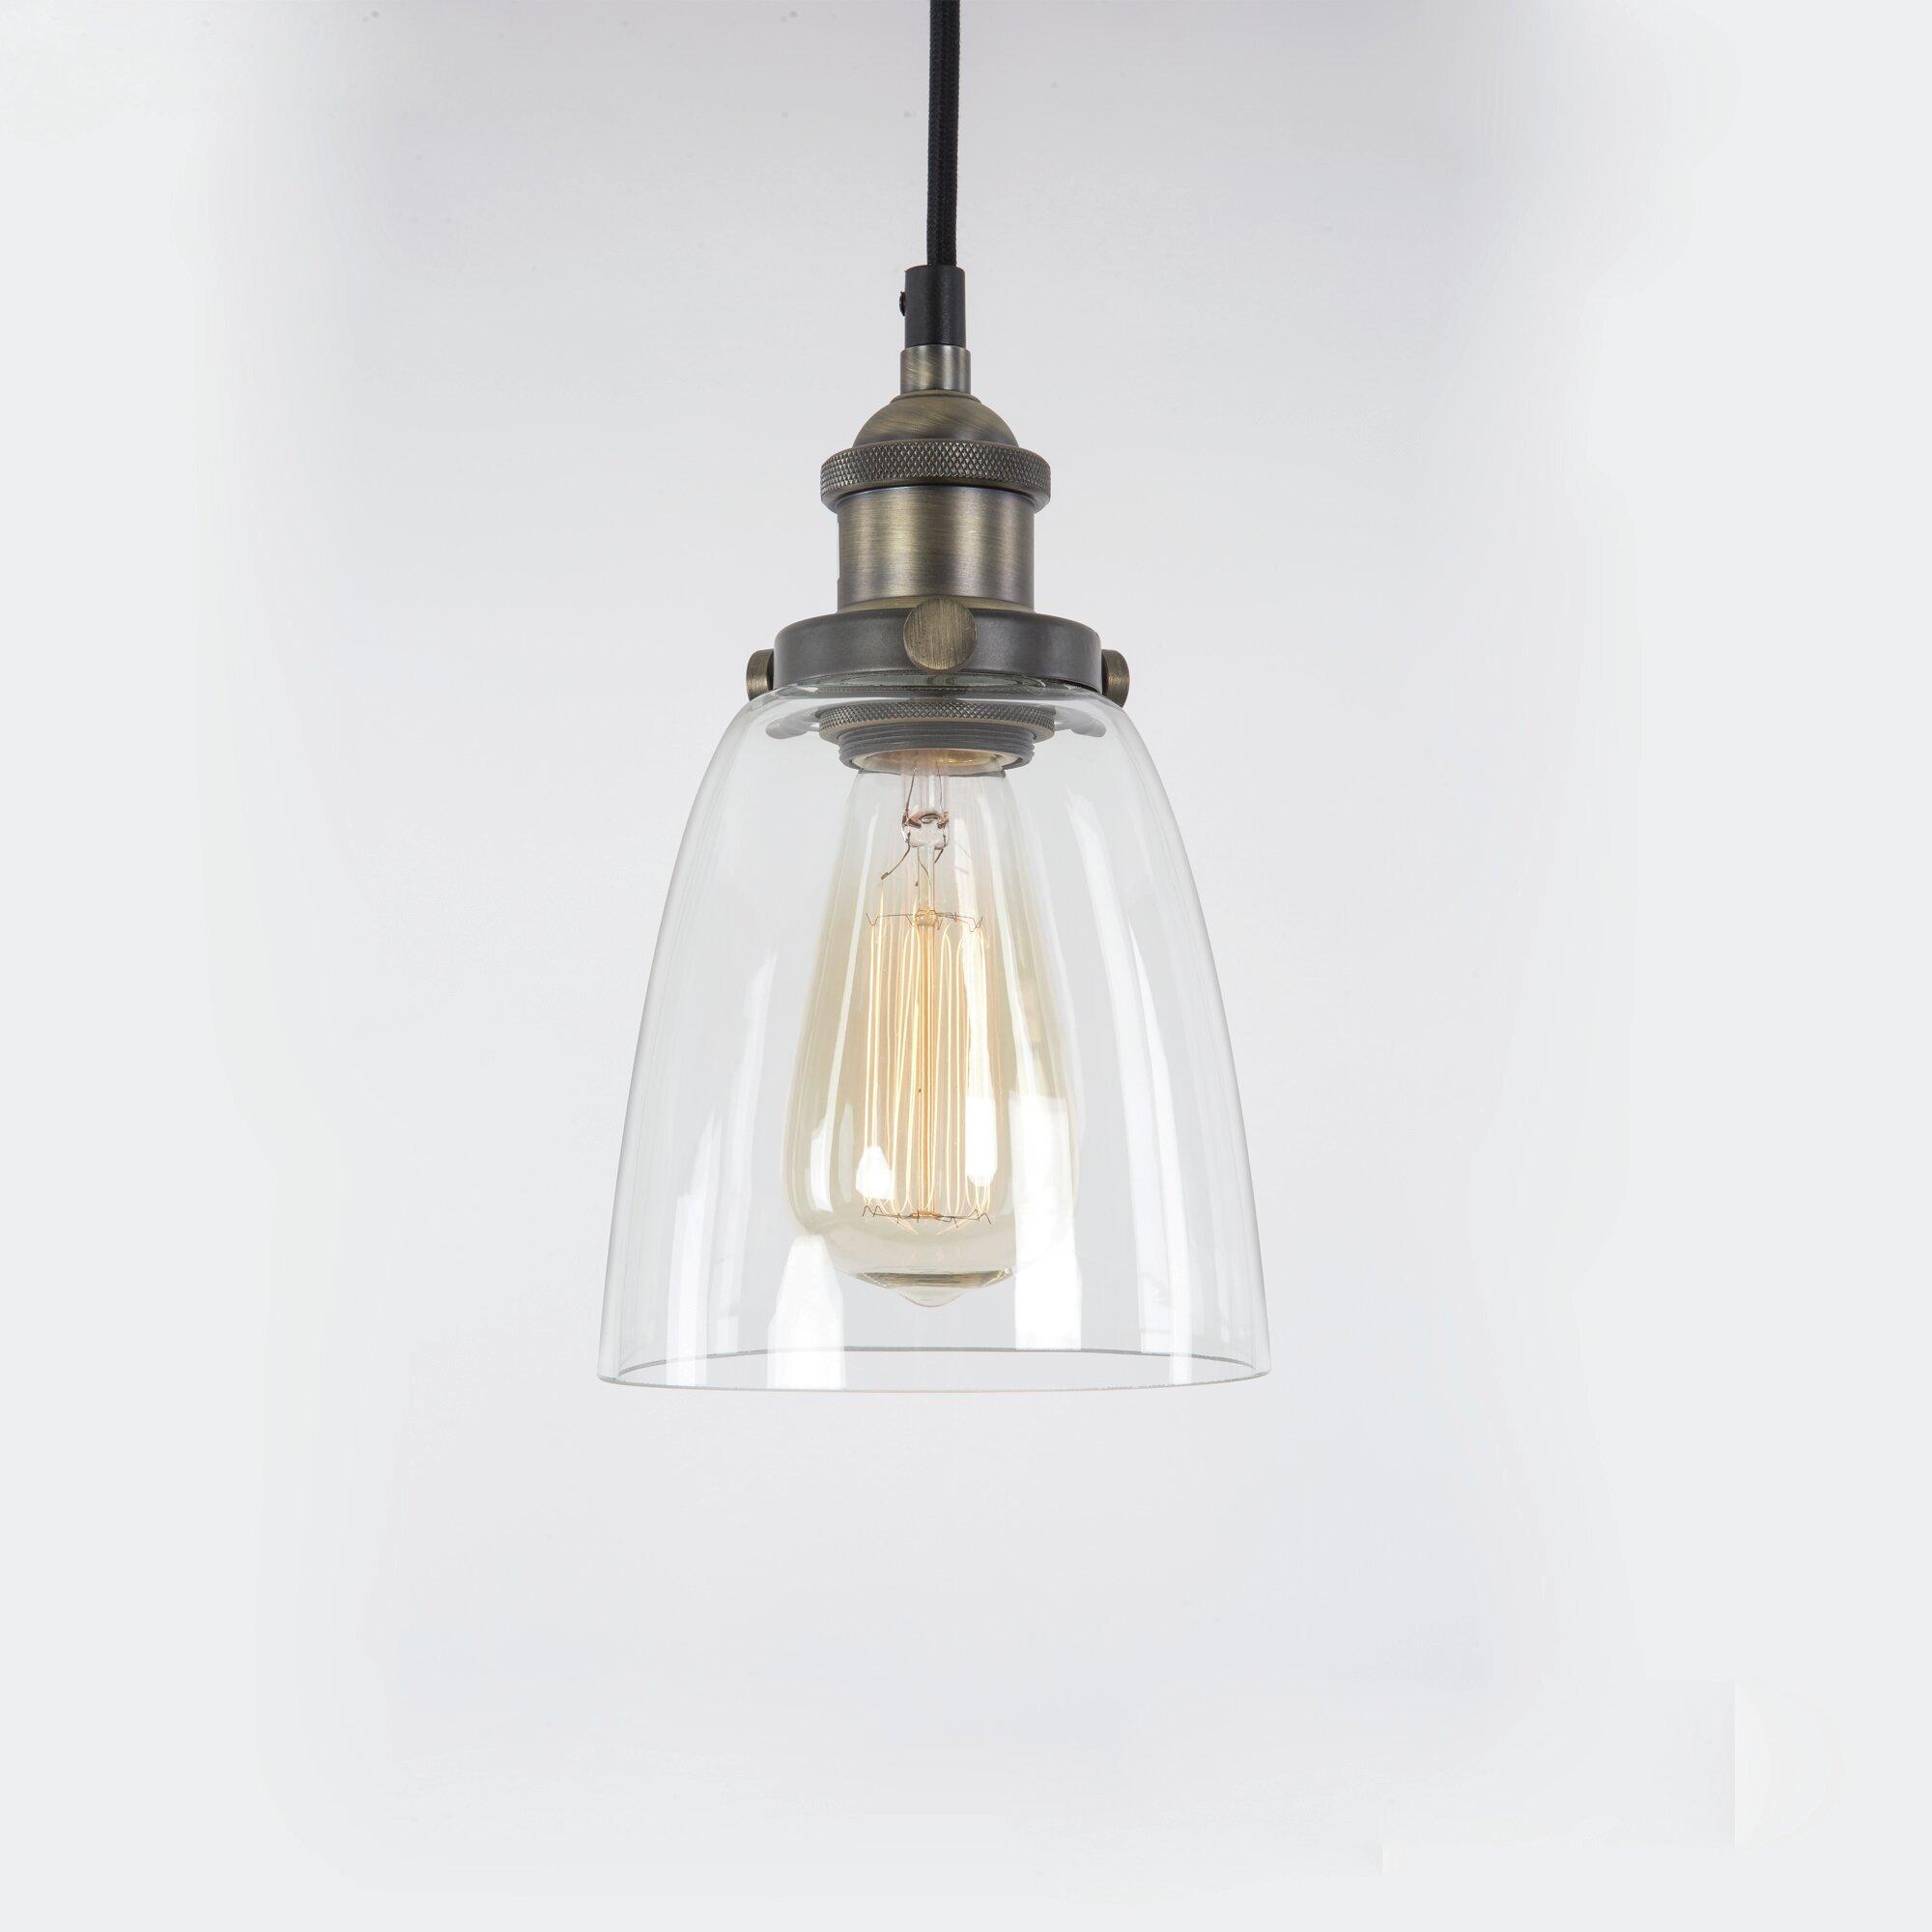 yosemite home decor 1 light mini pendant wayfair On home decorations mini pendant